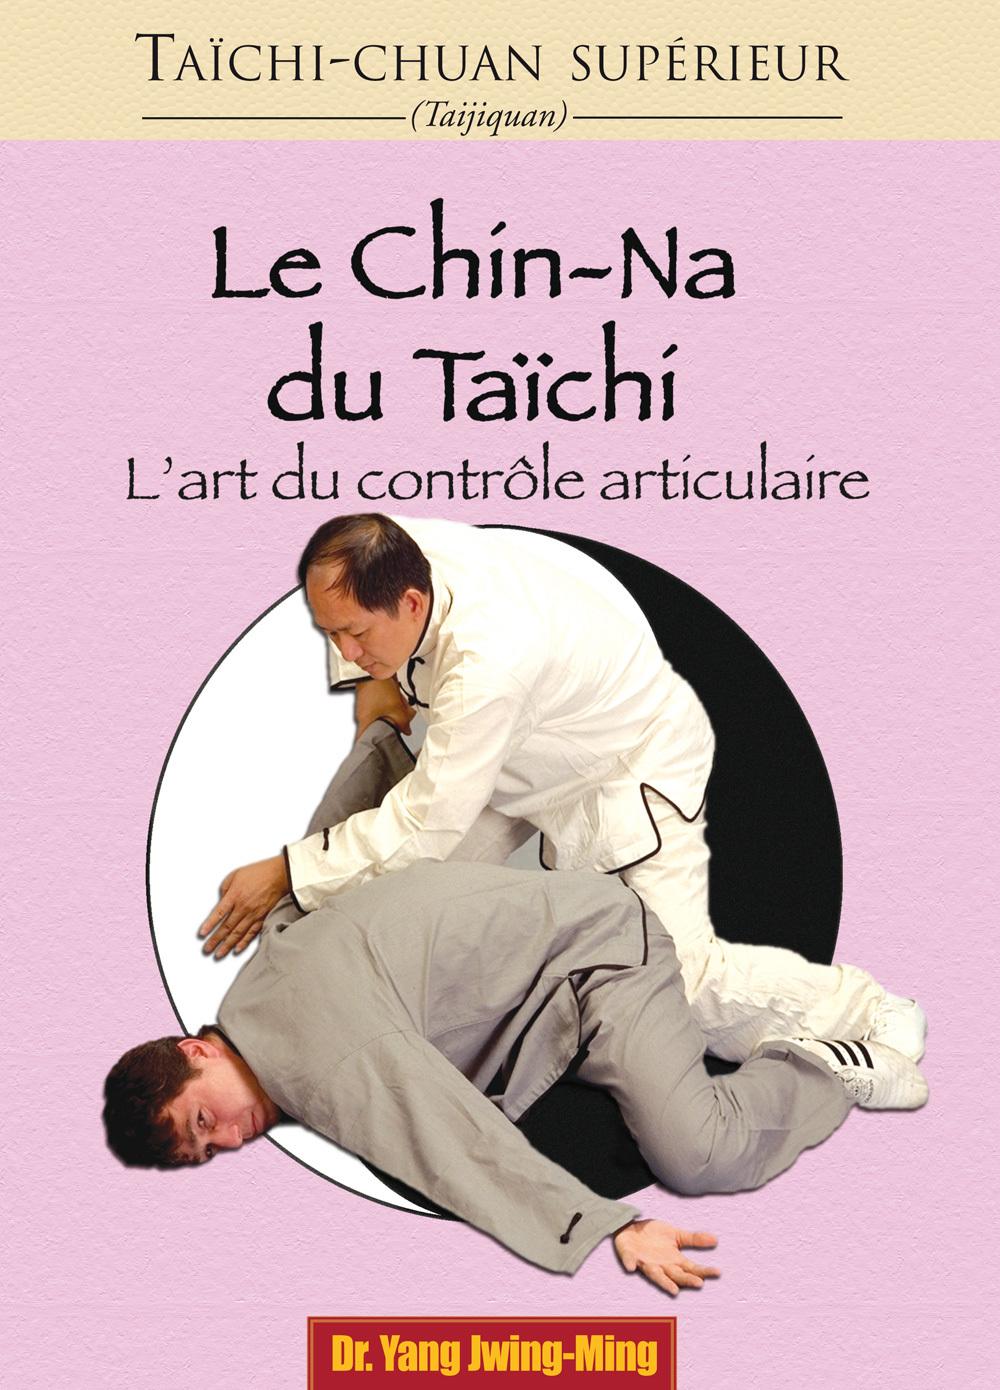 TAICHI-CHUAN SUPERIEUR : LE CHIN-NA DU TAICHI